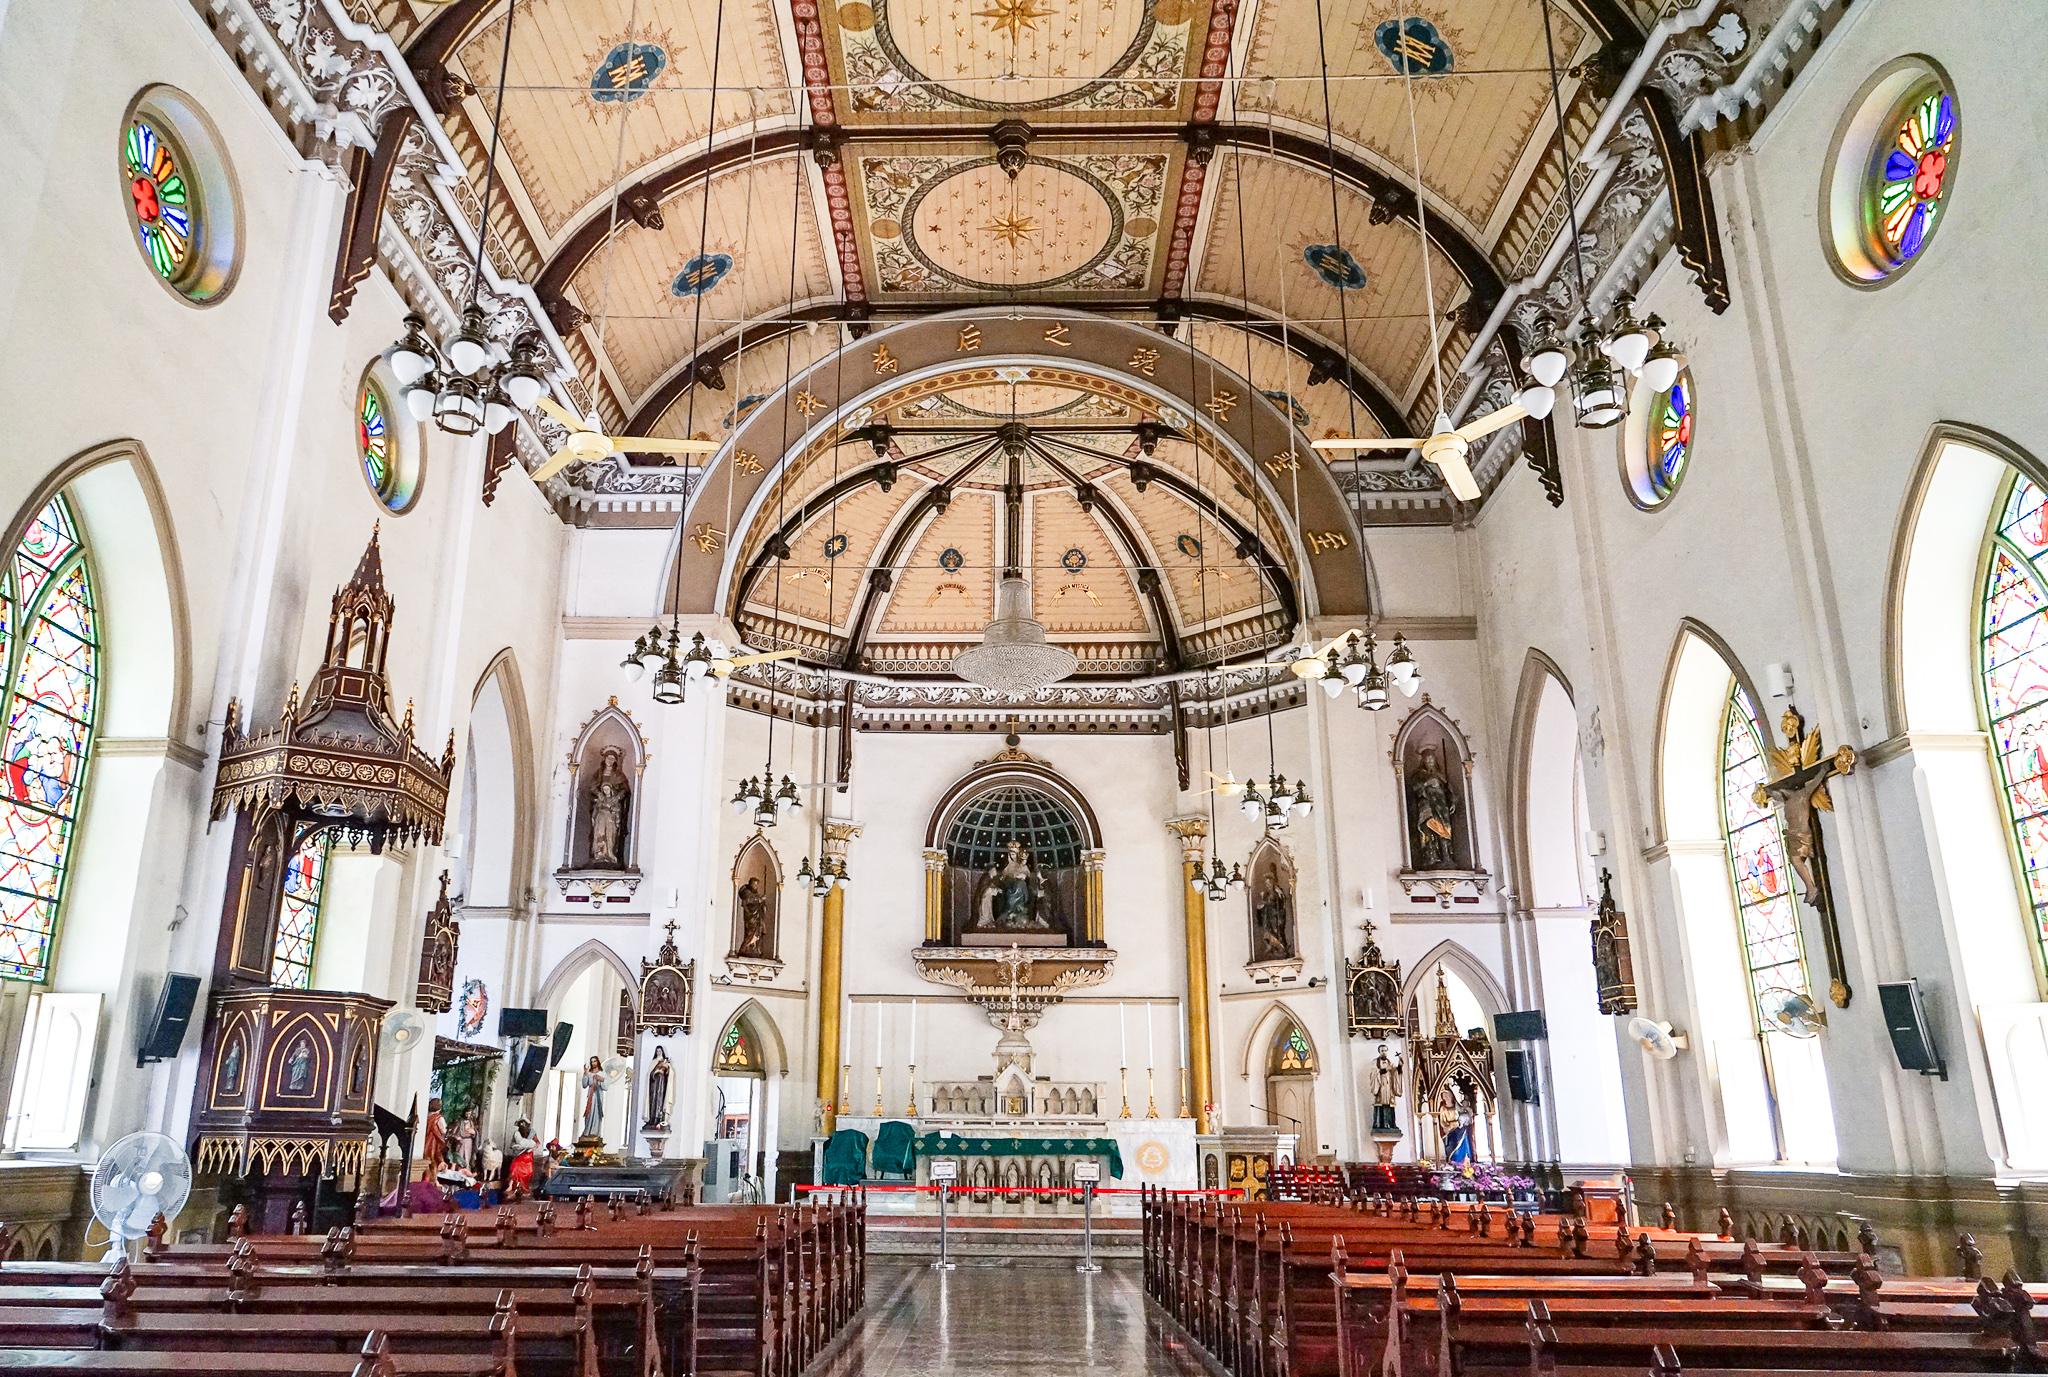 バンコクに残るポルトガル文化の面影「Holy Rosary Church」教会